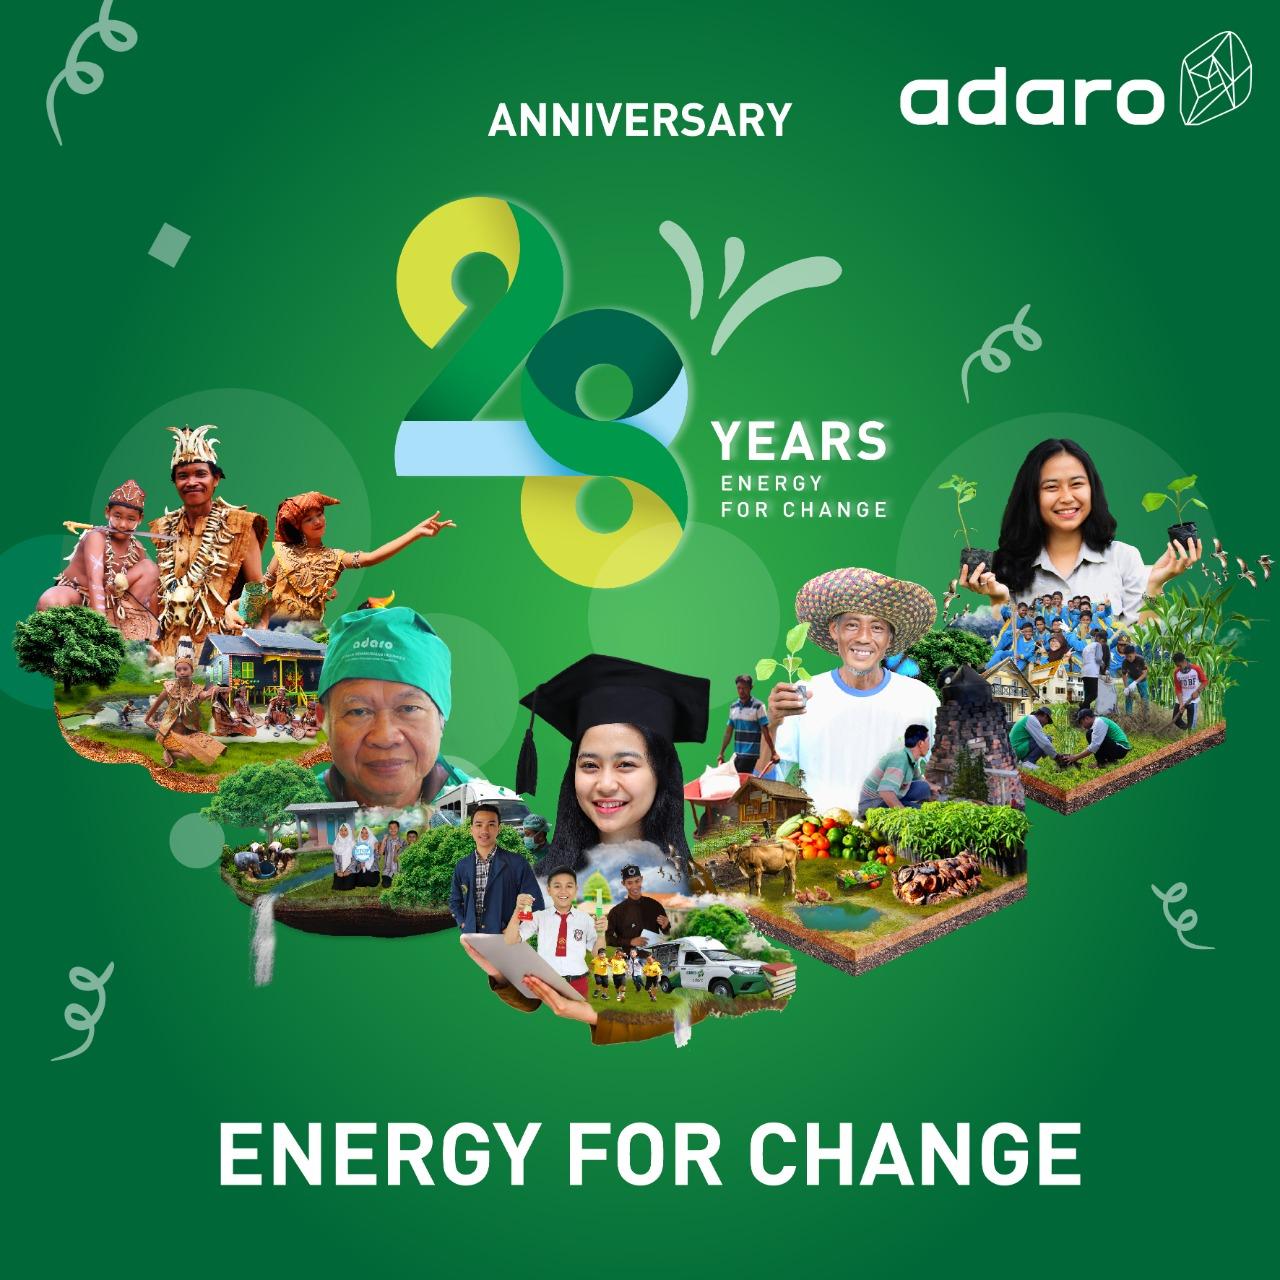 Anniversary 28 Years Adaro Energy For Change.